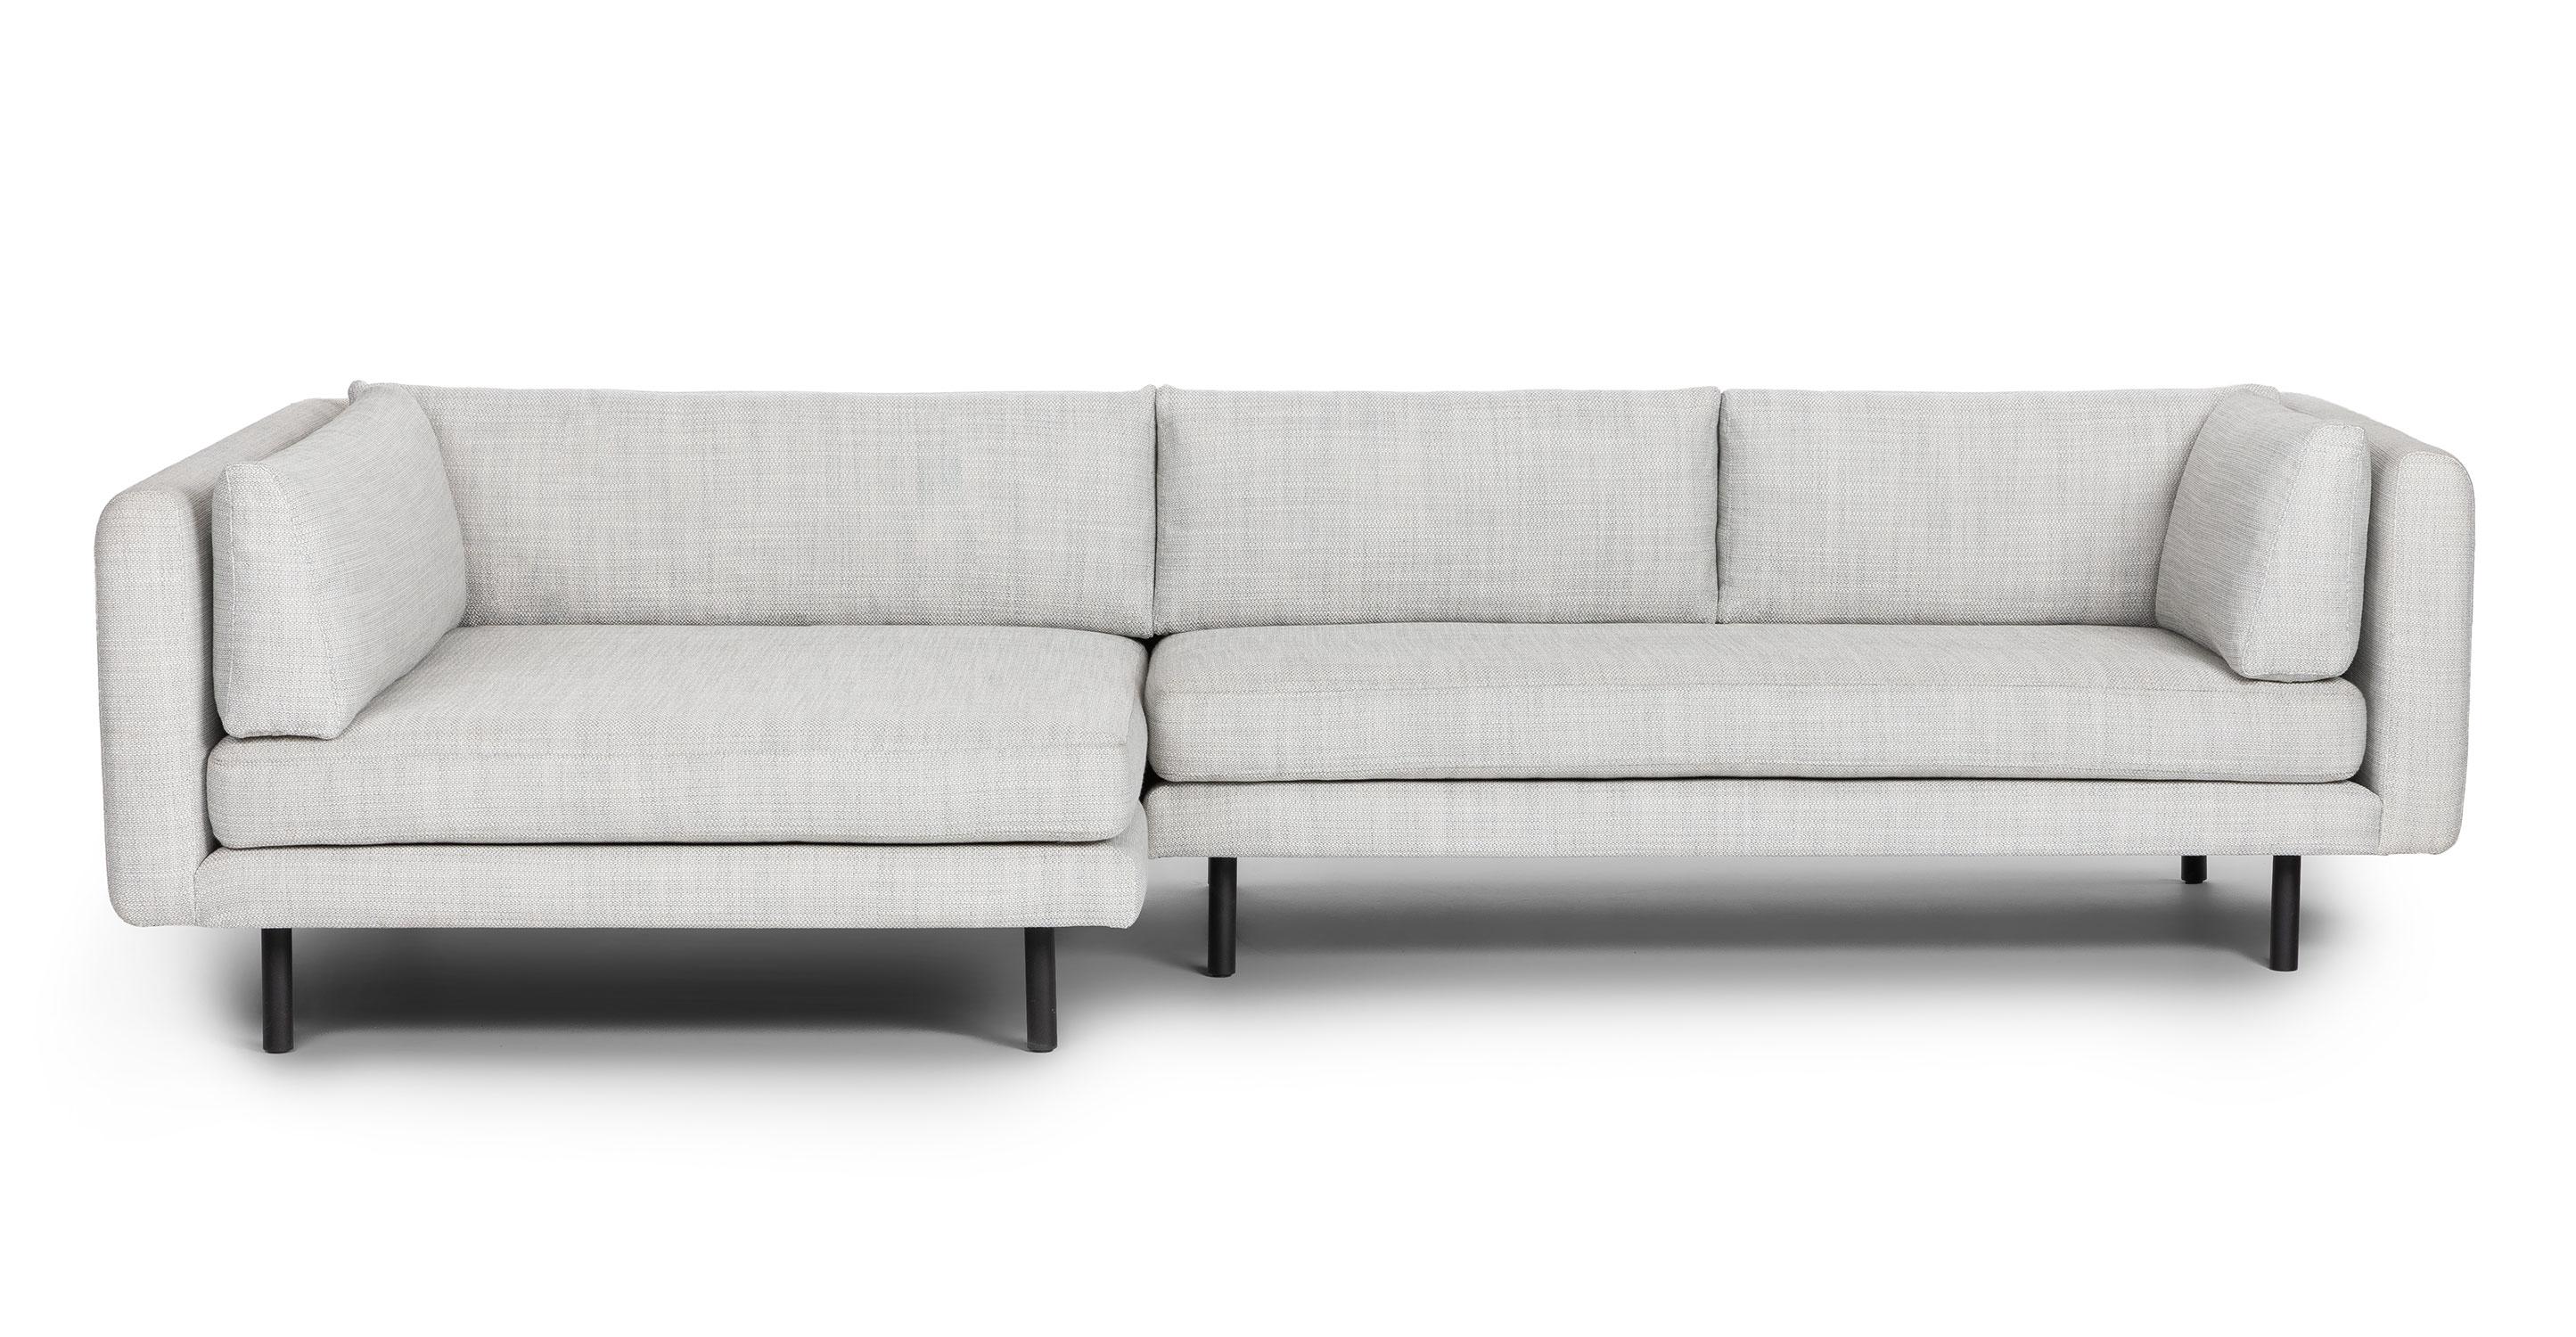 lappi serene gray left sectional sofa